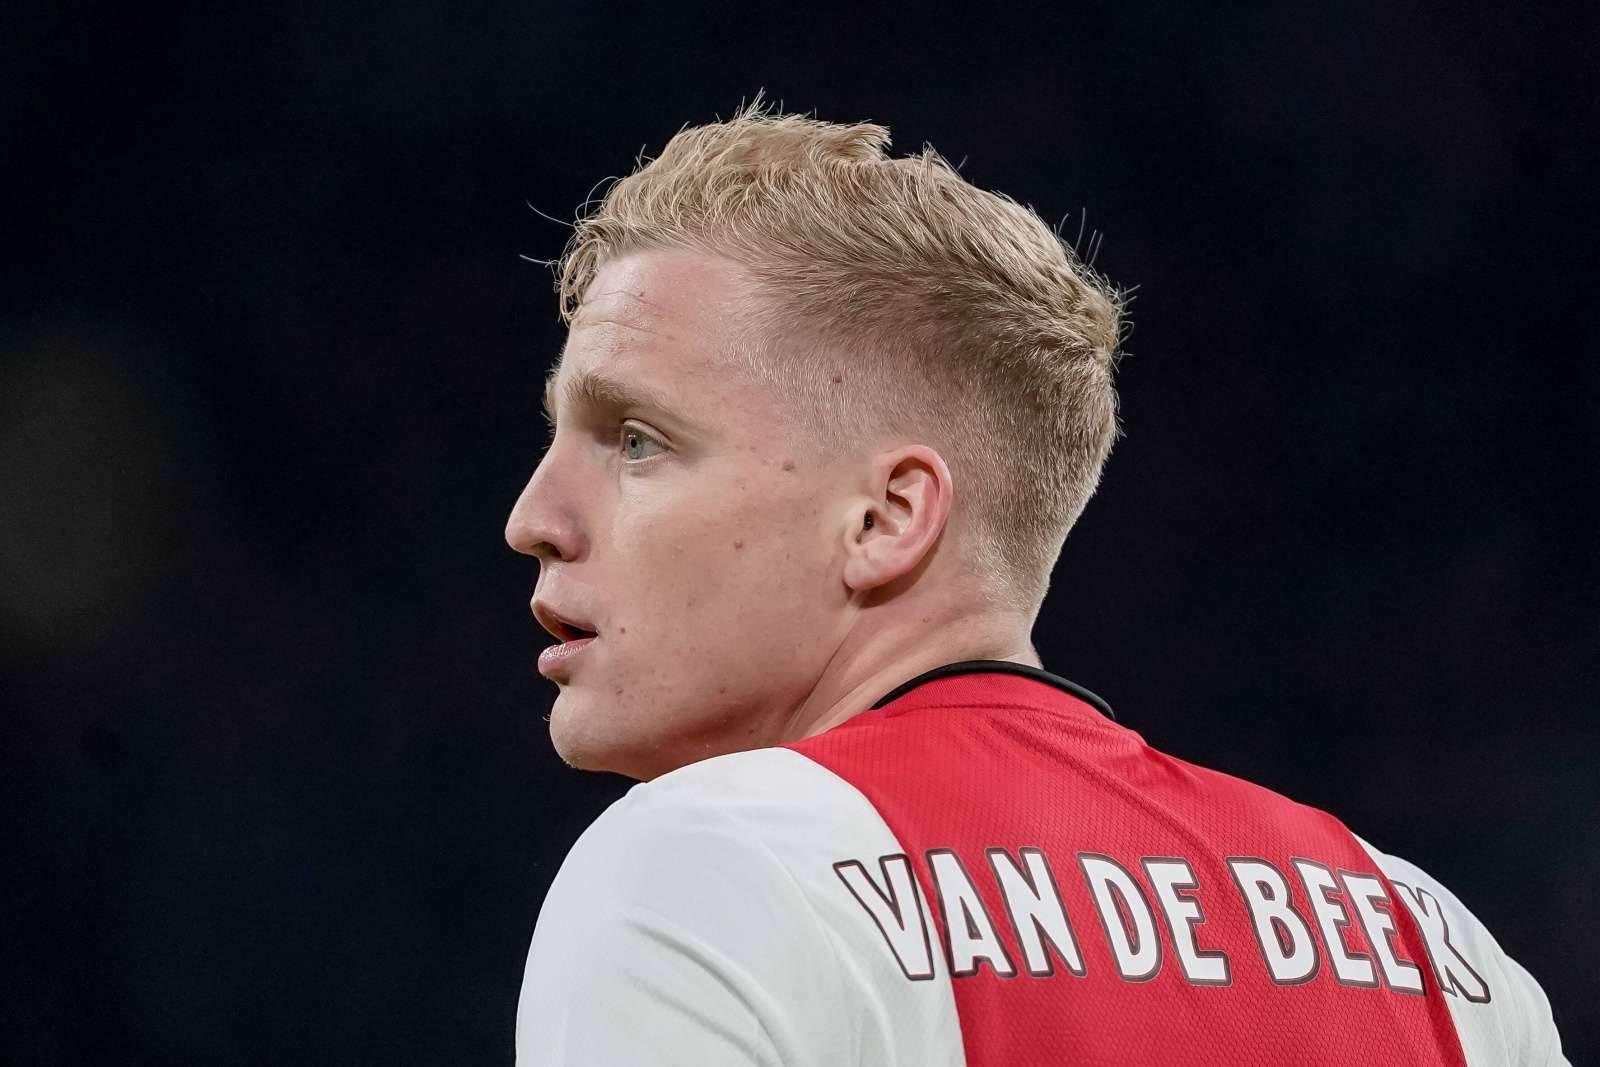 Он мог стать фермером, но стал игроком Манчестер Юнайтед - Донни ван де Бек